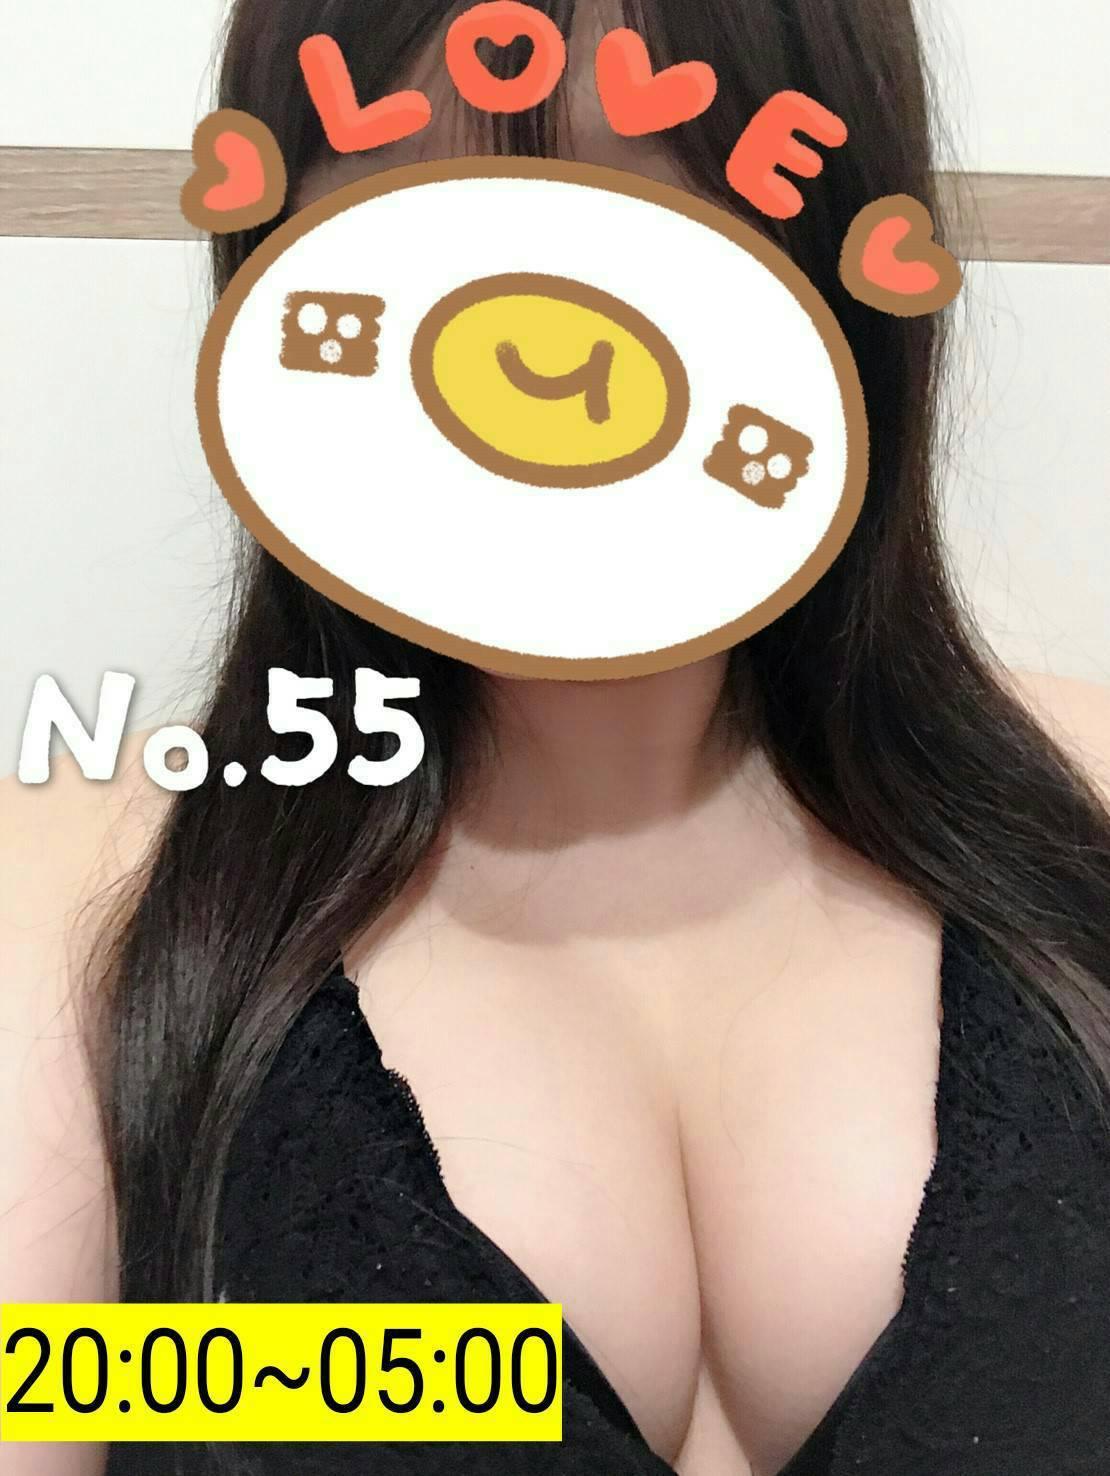 台南按摩-F/H心動spa養生會館